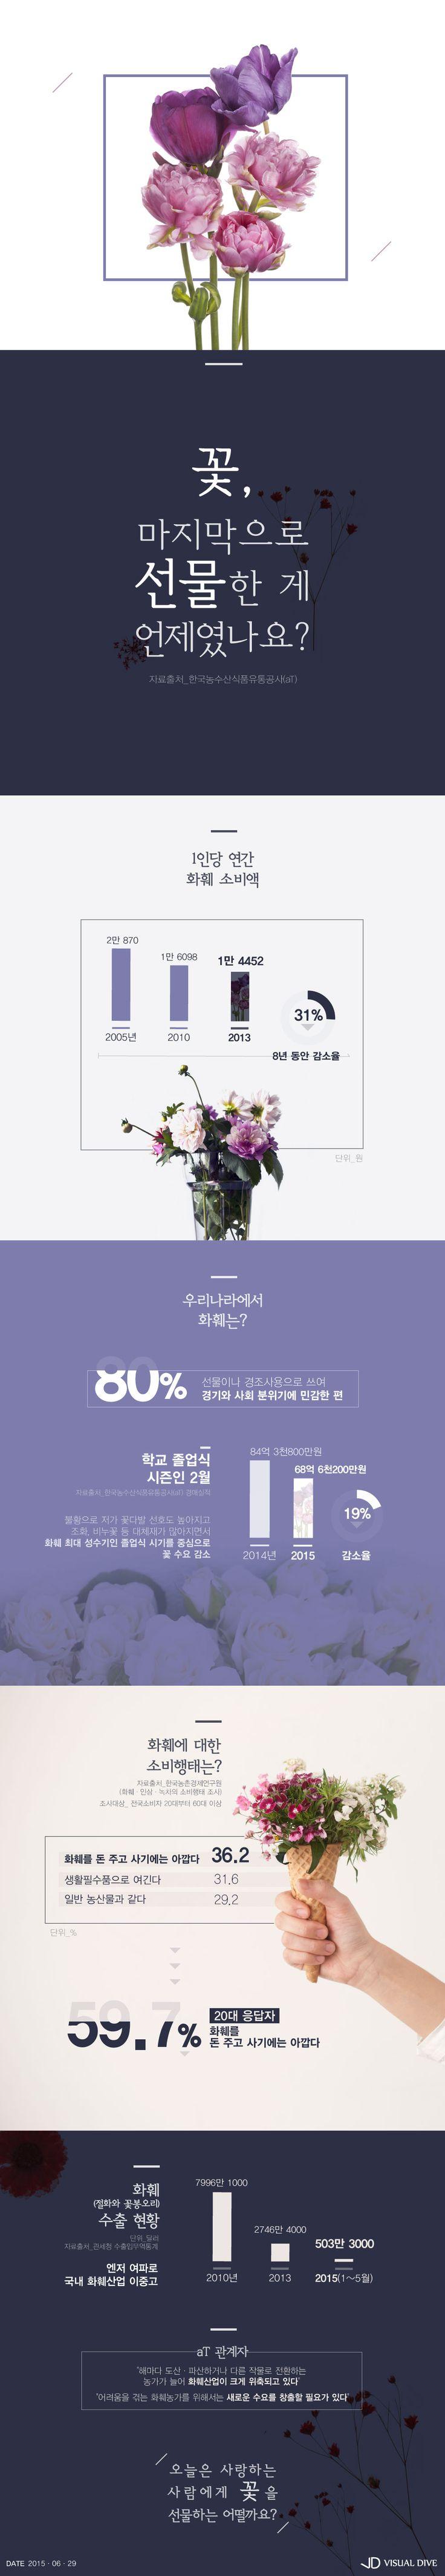 꽃을 든 남자 어디갔나.. 불황에 꽃 소비 부진 [인포그래픽] #Flower / #Infographic ⓒ 비주얼다이브 무단 복사·전재·재배포 금지